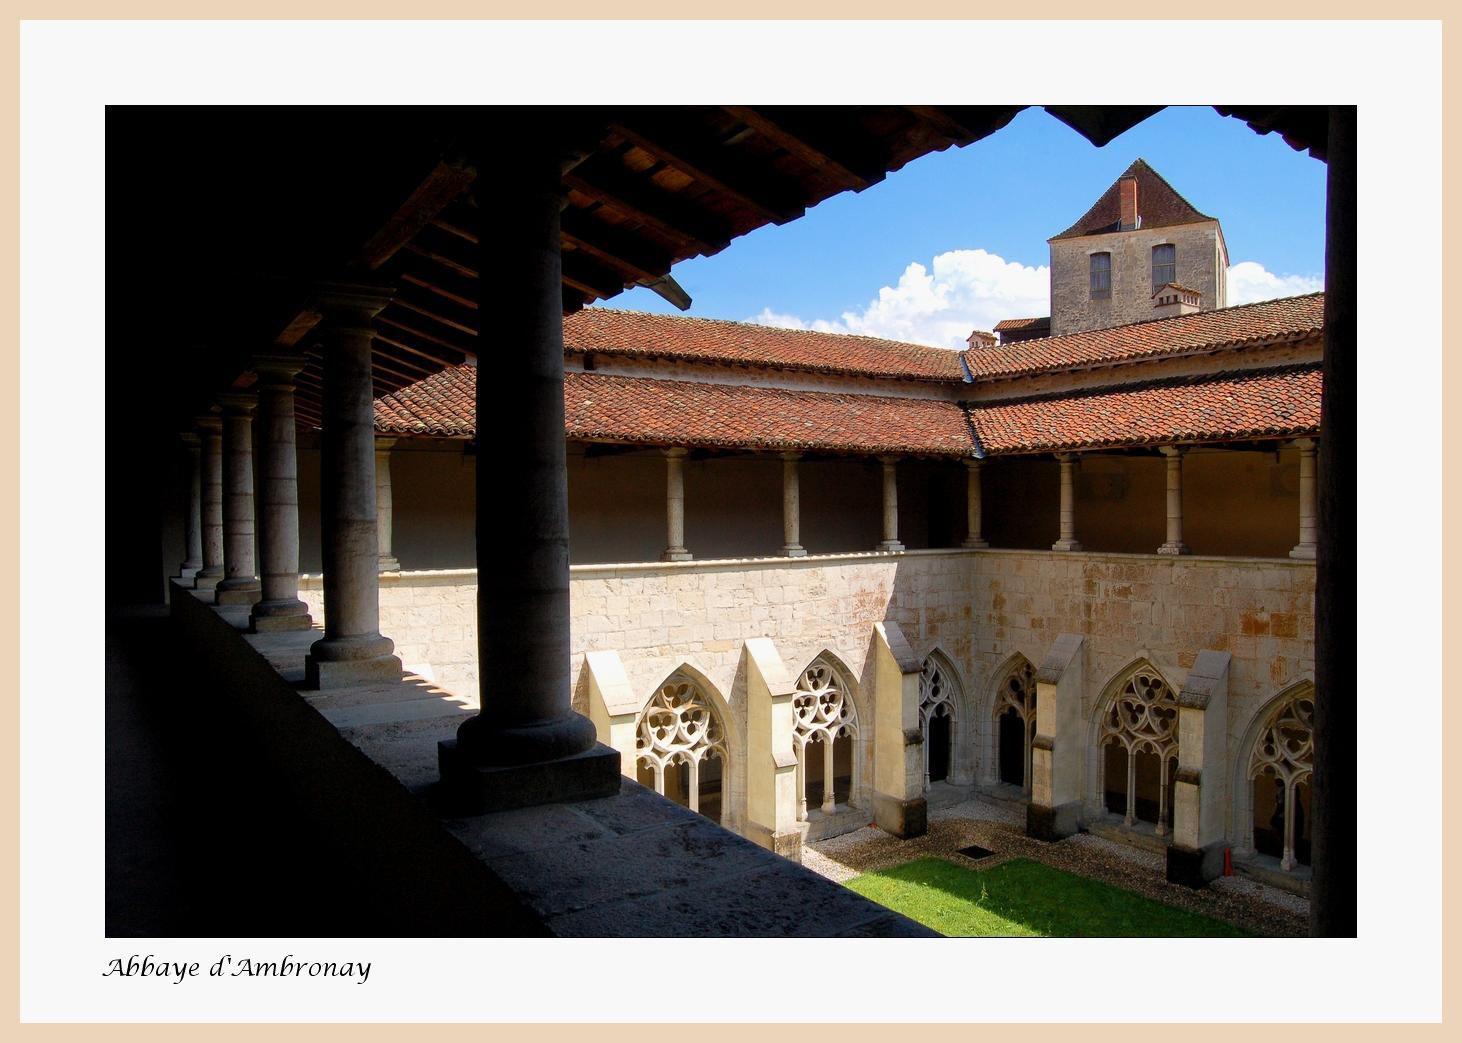 Abbaye Bénédictine_Ambronay